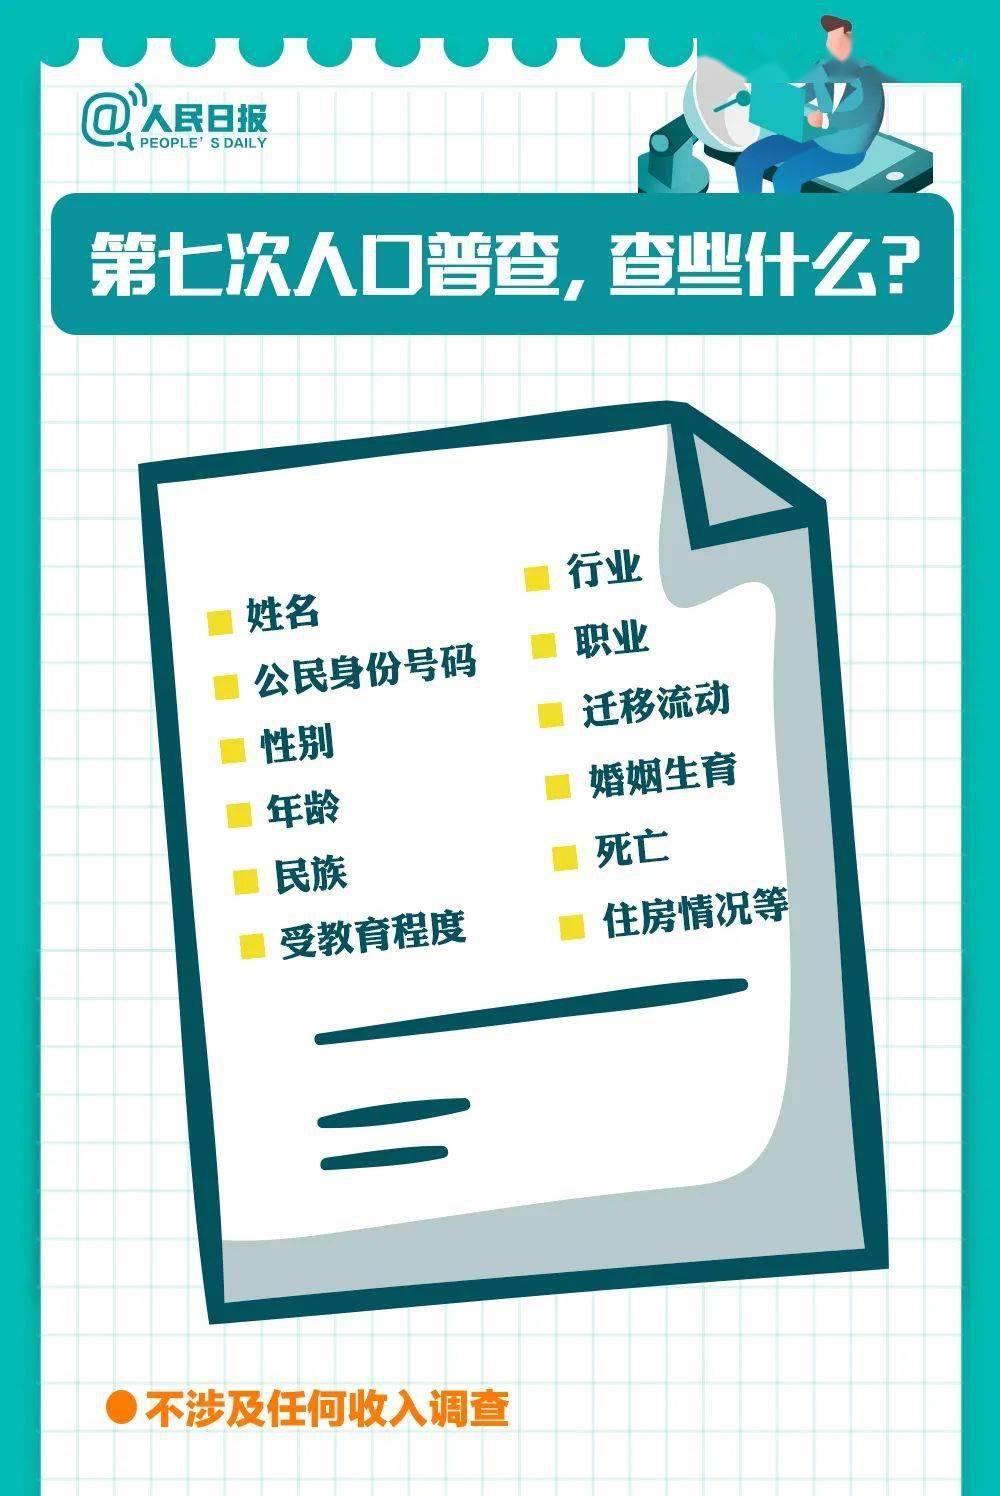 厦漳泉人口经济总量面积多少_吉林有多少人口